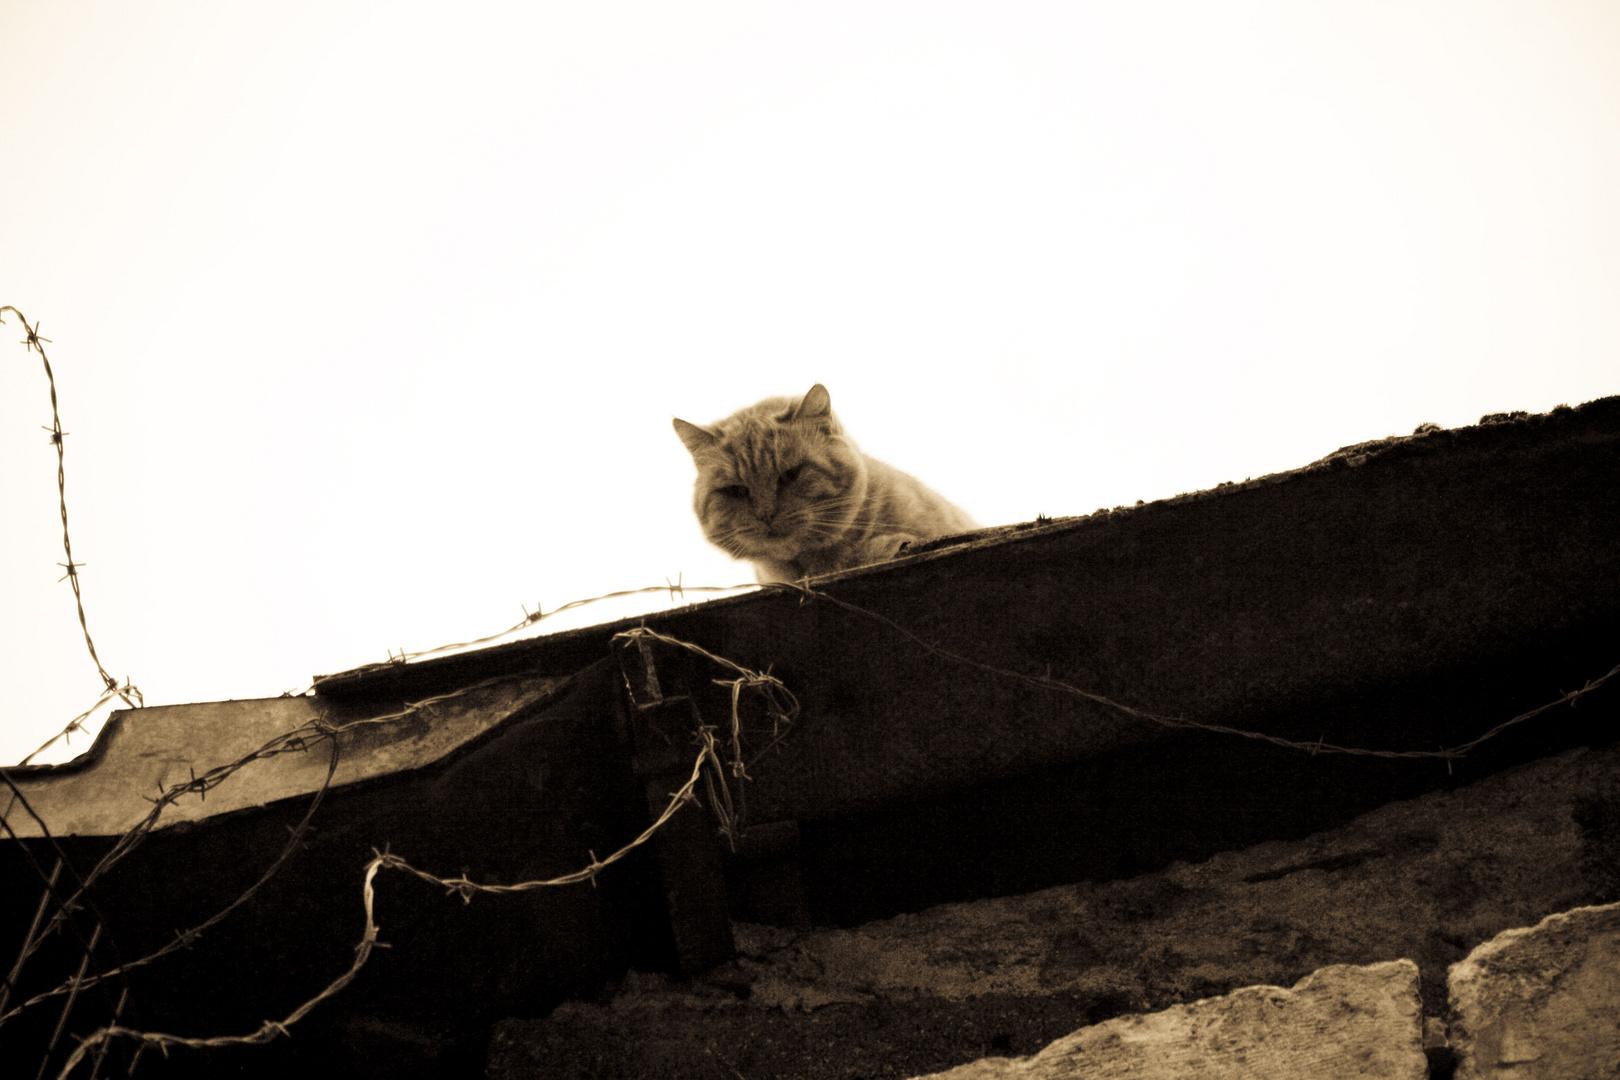 à chat perché